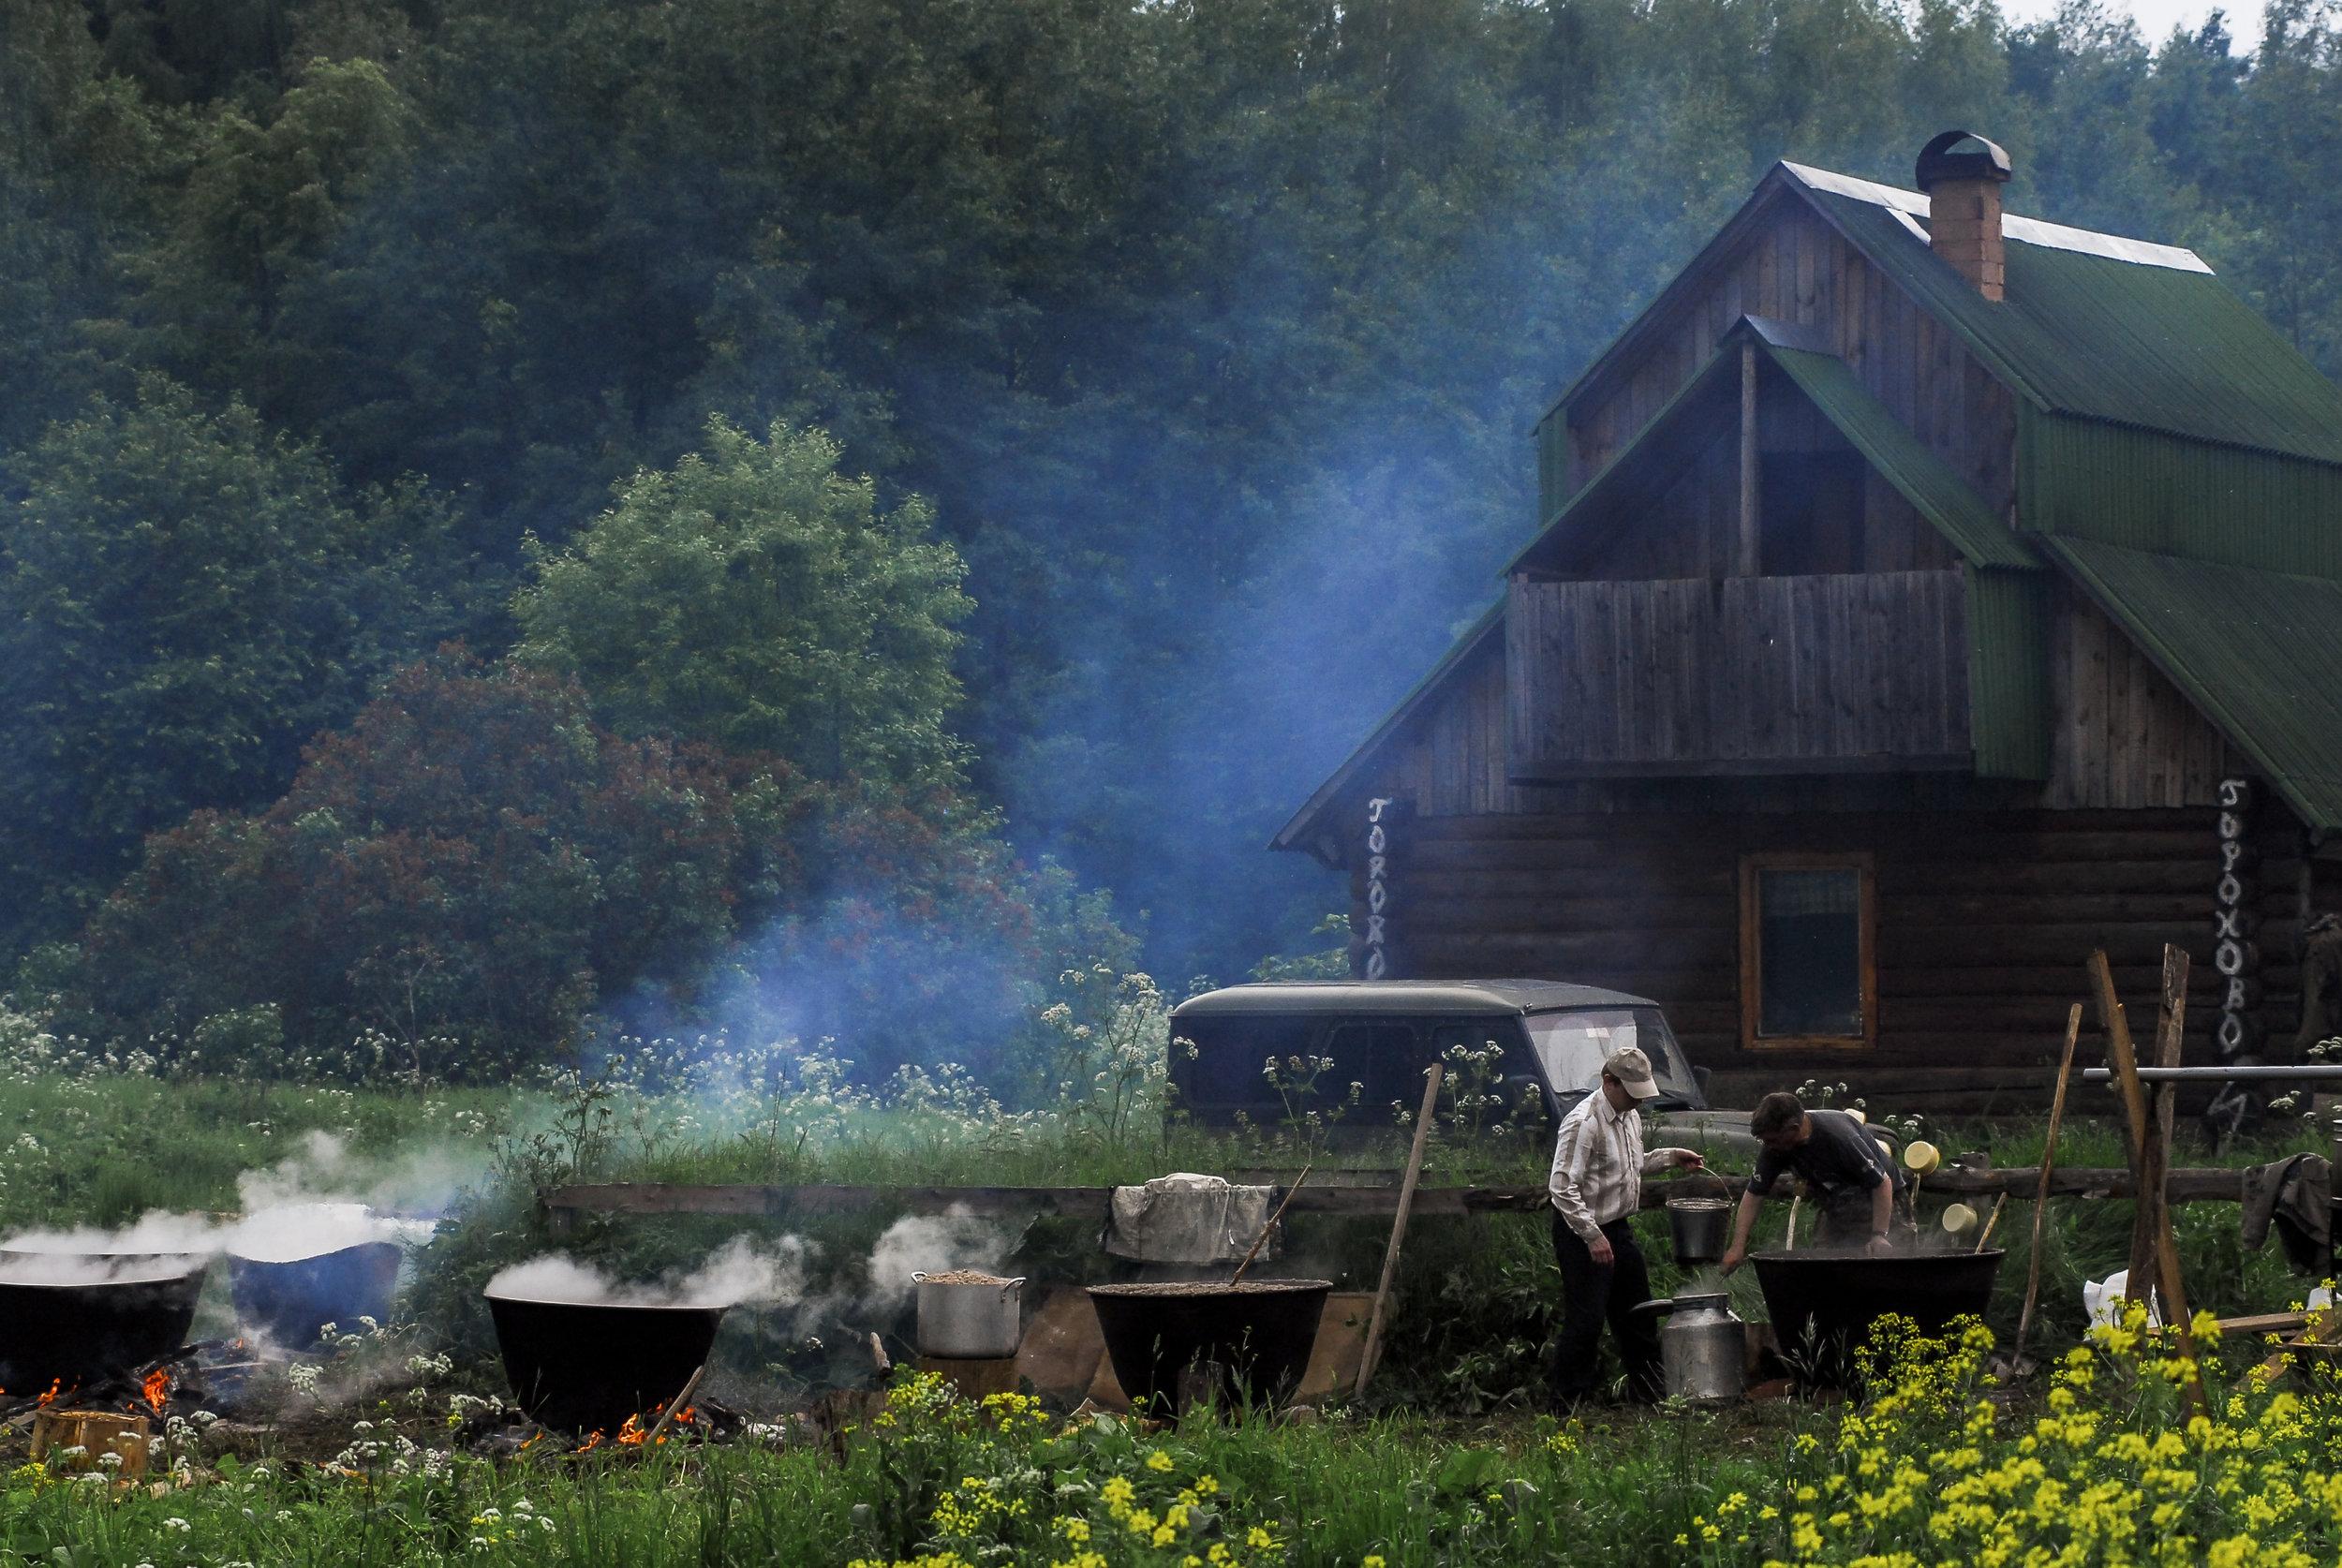 Preparing porridge for pilgrims, Goroxovo, June 2010